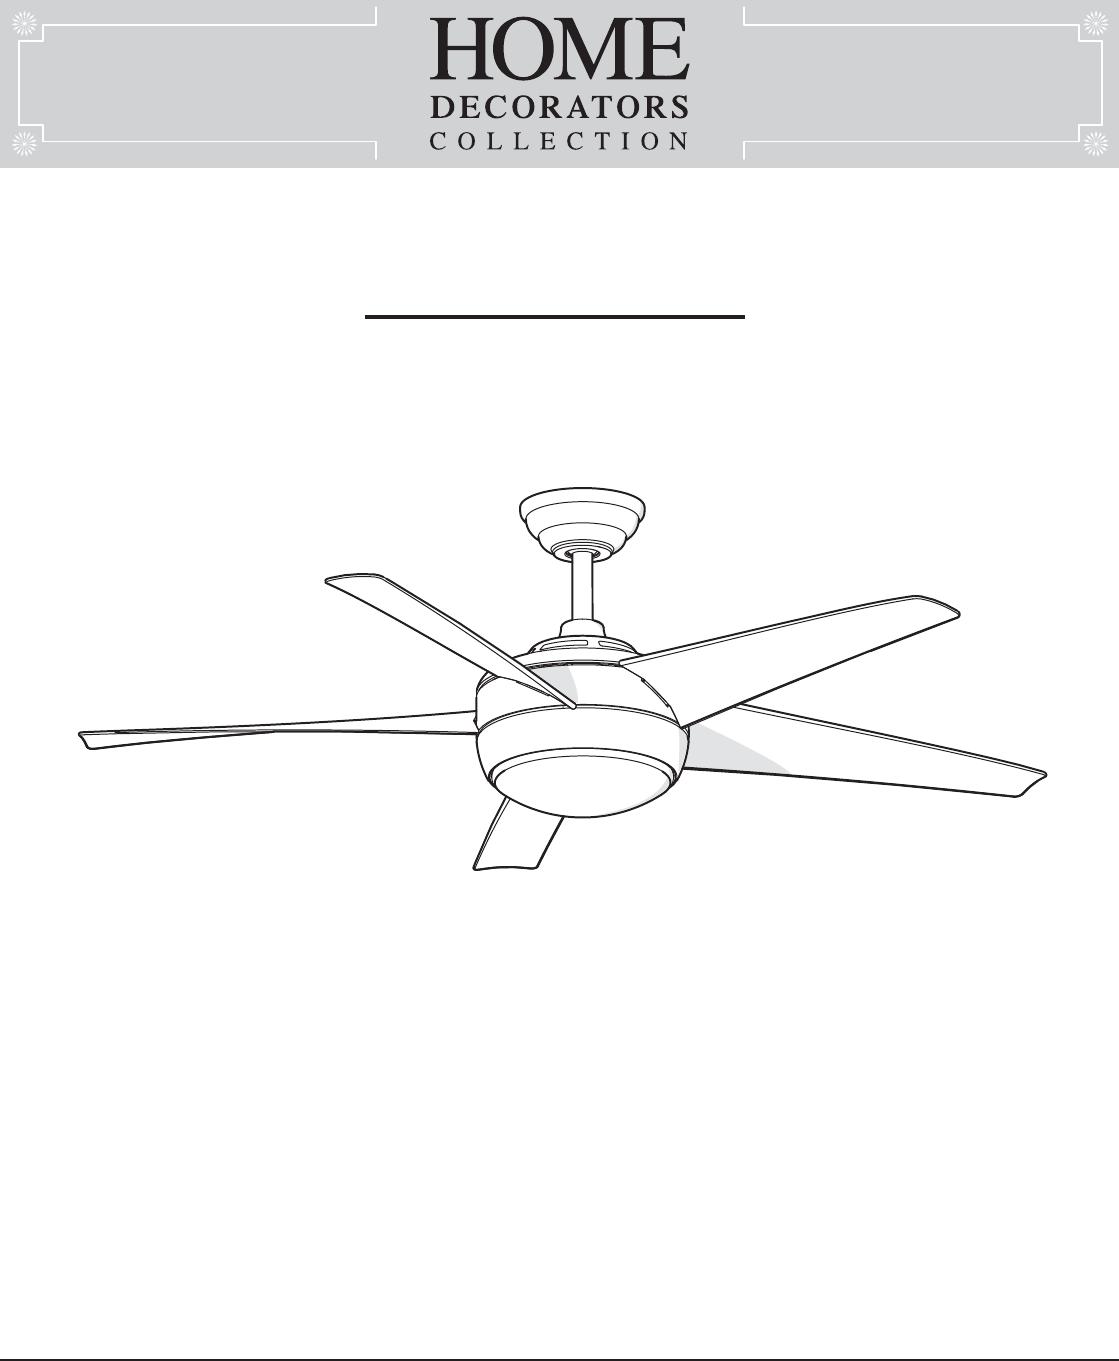 King of Fans 52WWDIVS2 52 inch Windward IV User Manual 52in ... Hampton Bay Windward Iv Ceiling Fan Wiring Diagram on